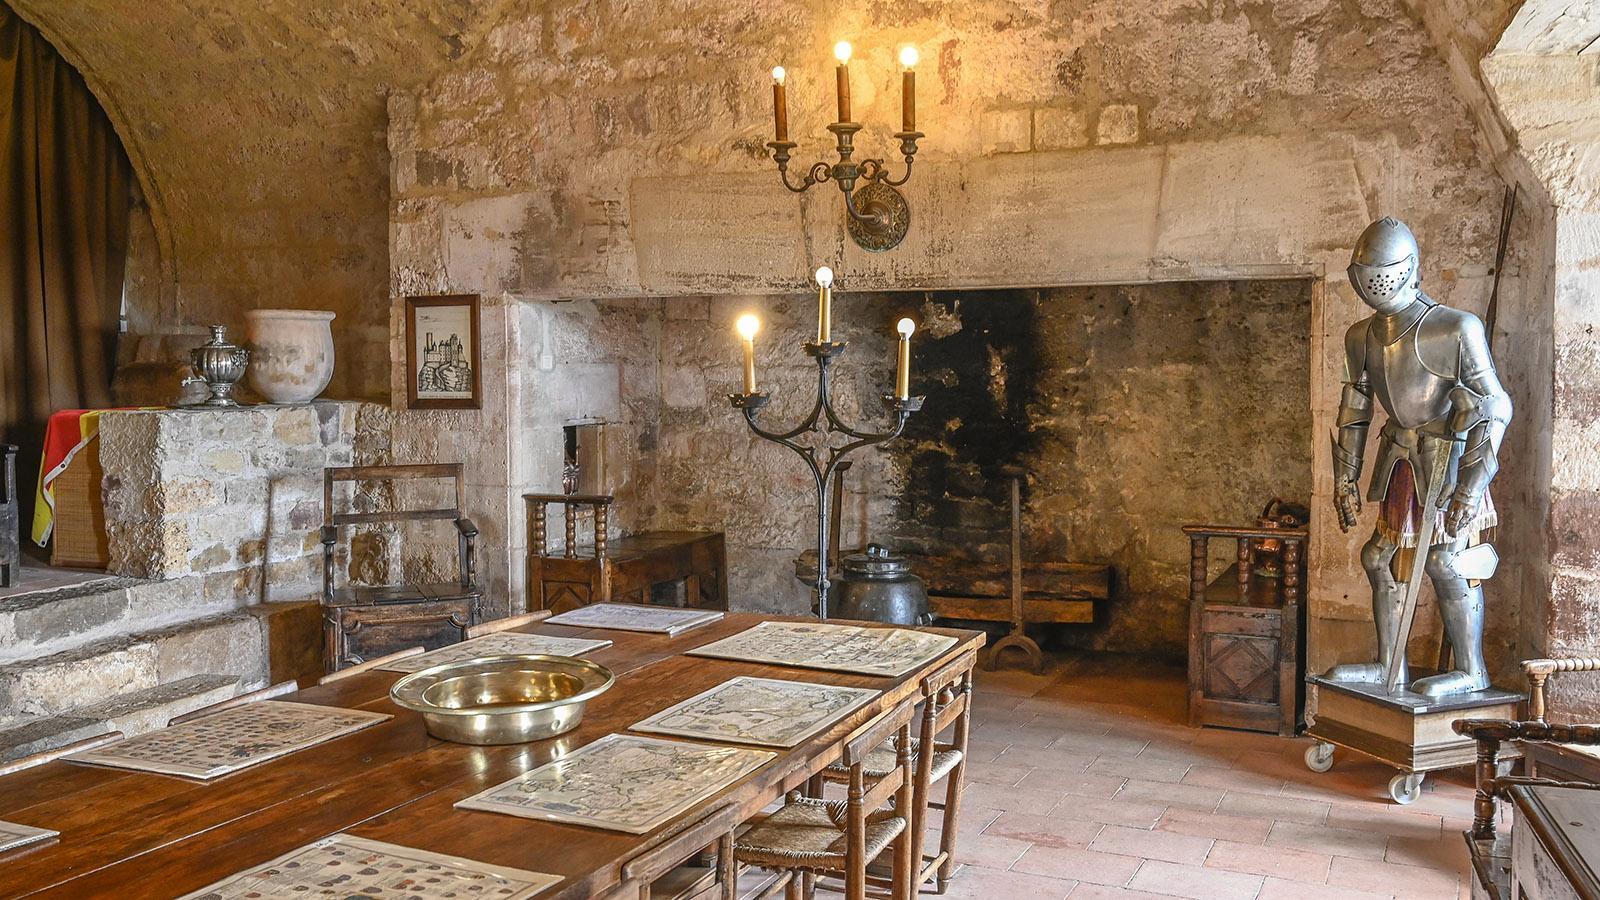 Die salle des gardes der Burg von Turenne. Foto: Hilke Maunder